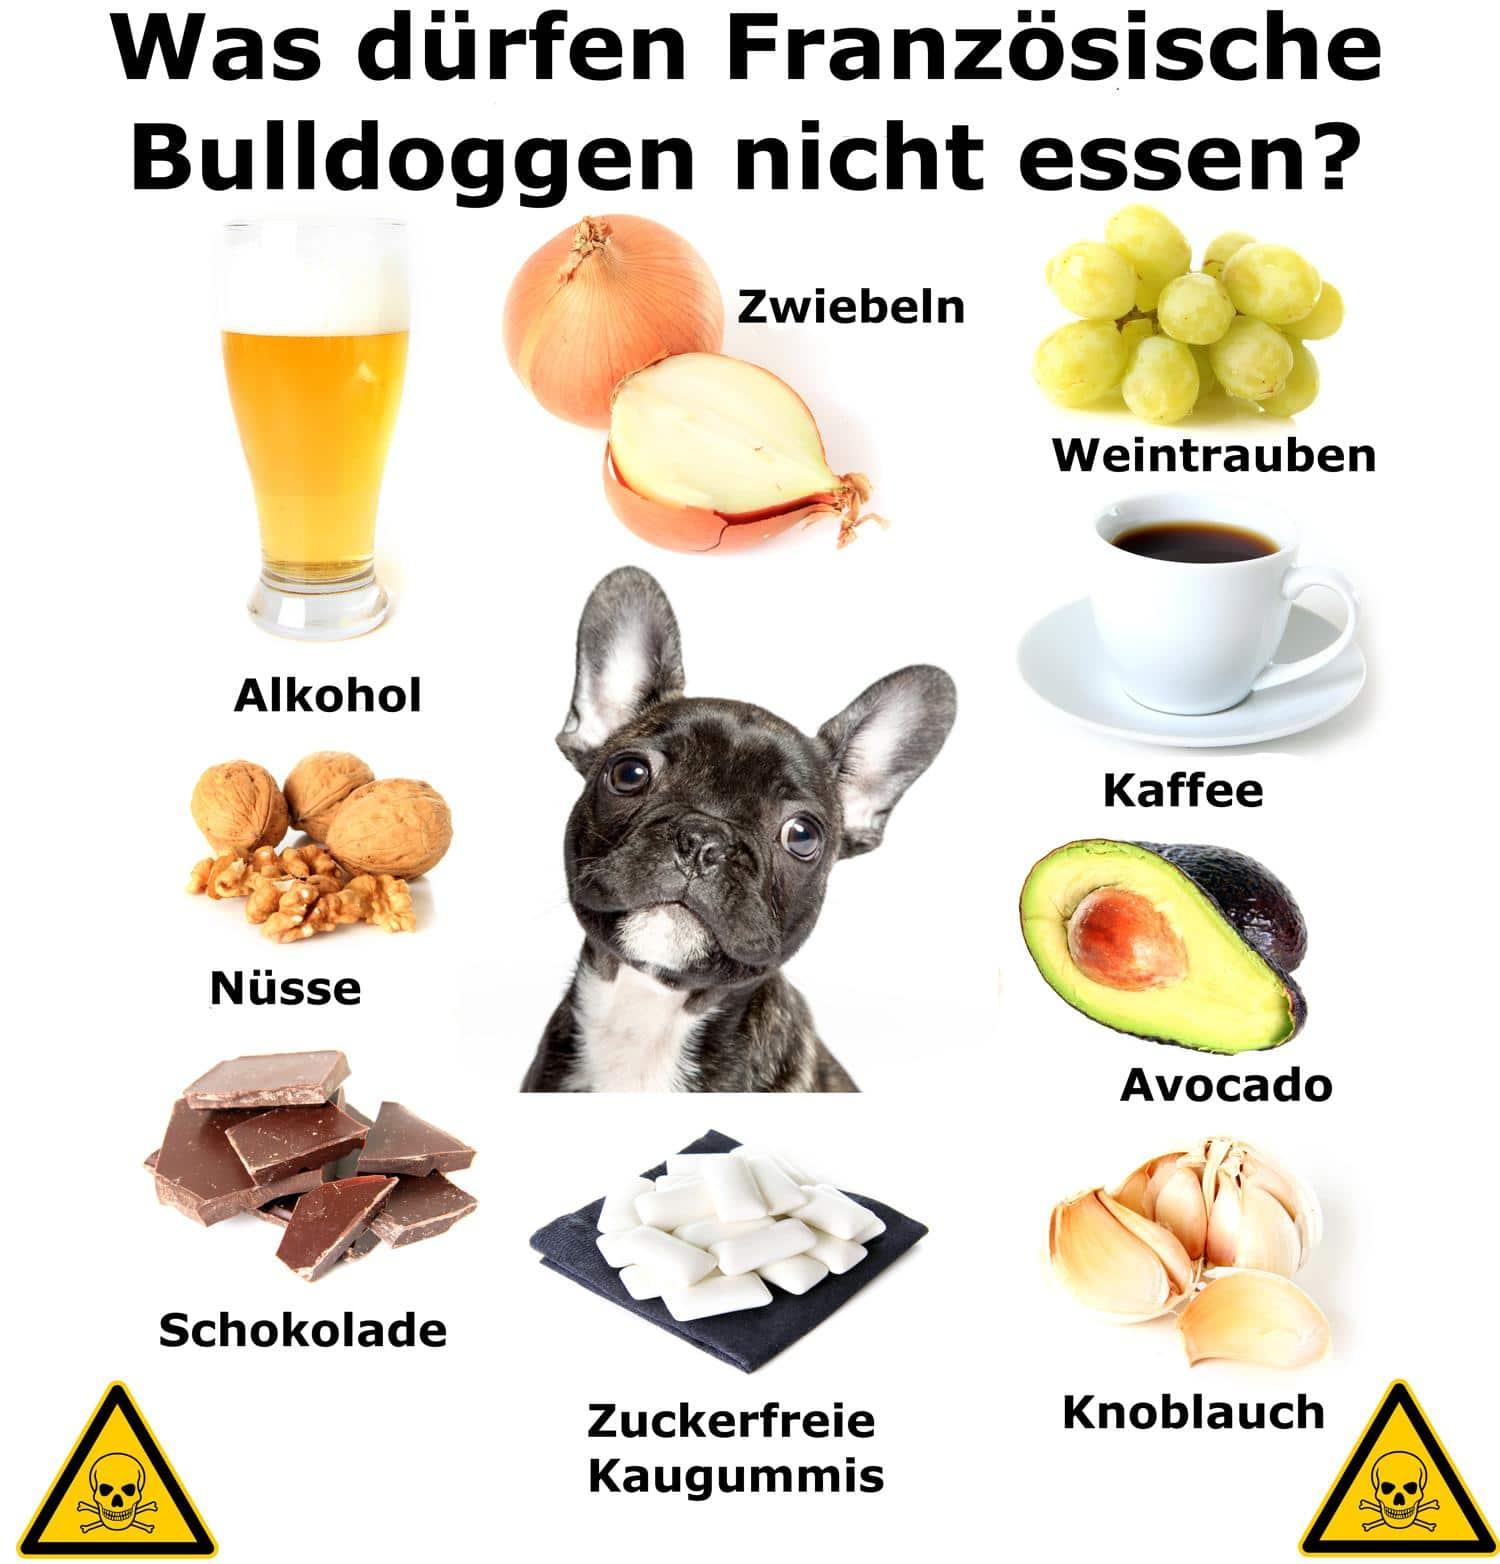 Was dürfen Französische Bulldoggen nicht essen?